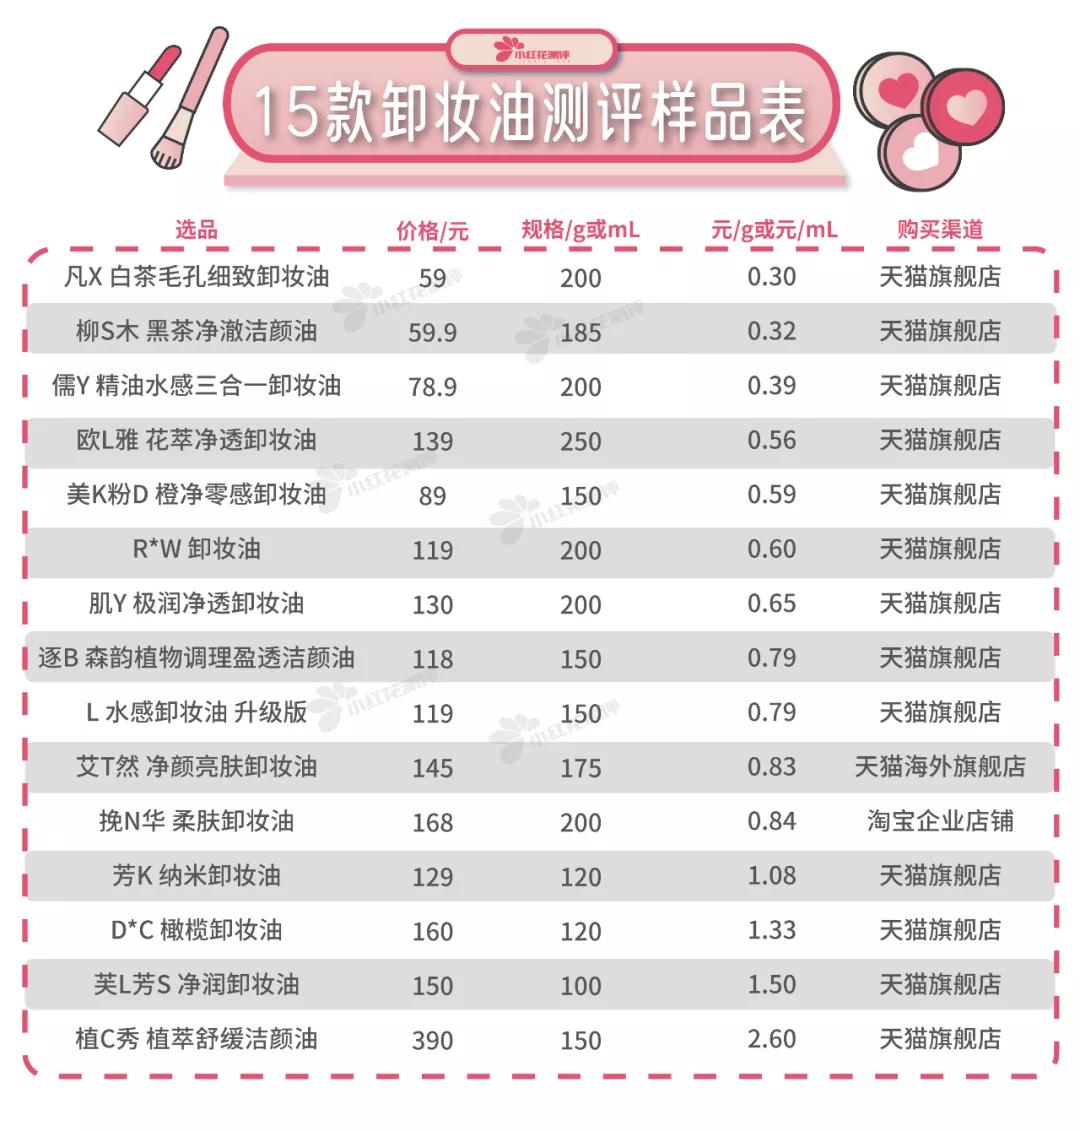 15款卸妆油测评:知名大牌难卸干净,有大量油脂残留